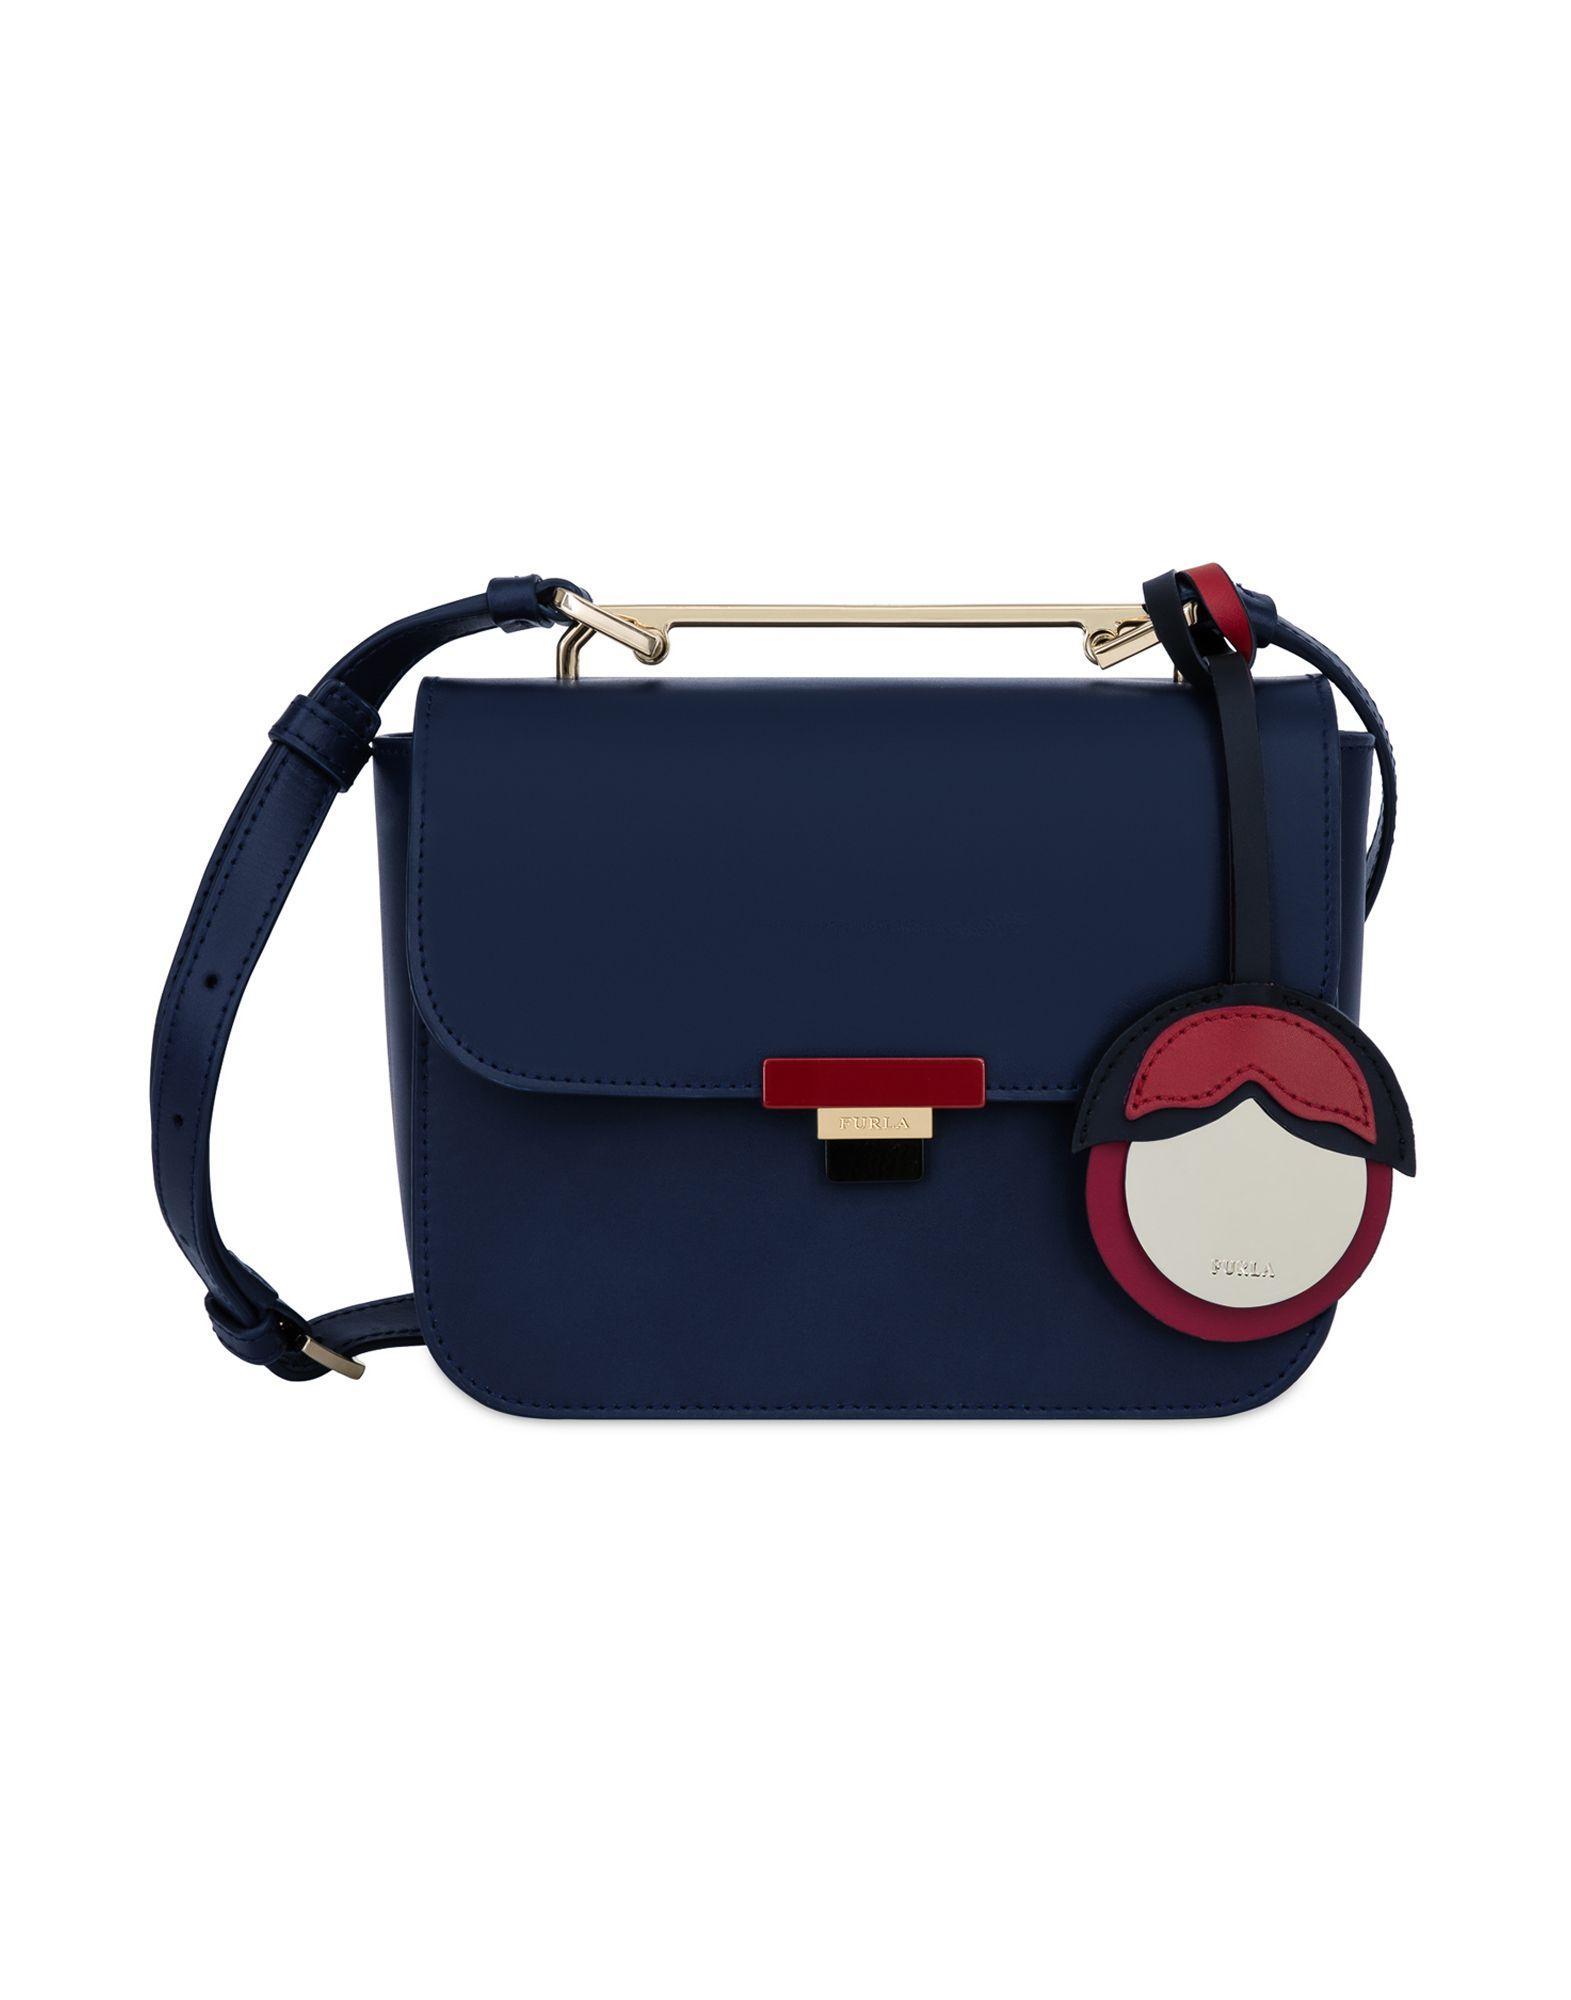 Furla Cross-body Bags In Dark Blue